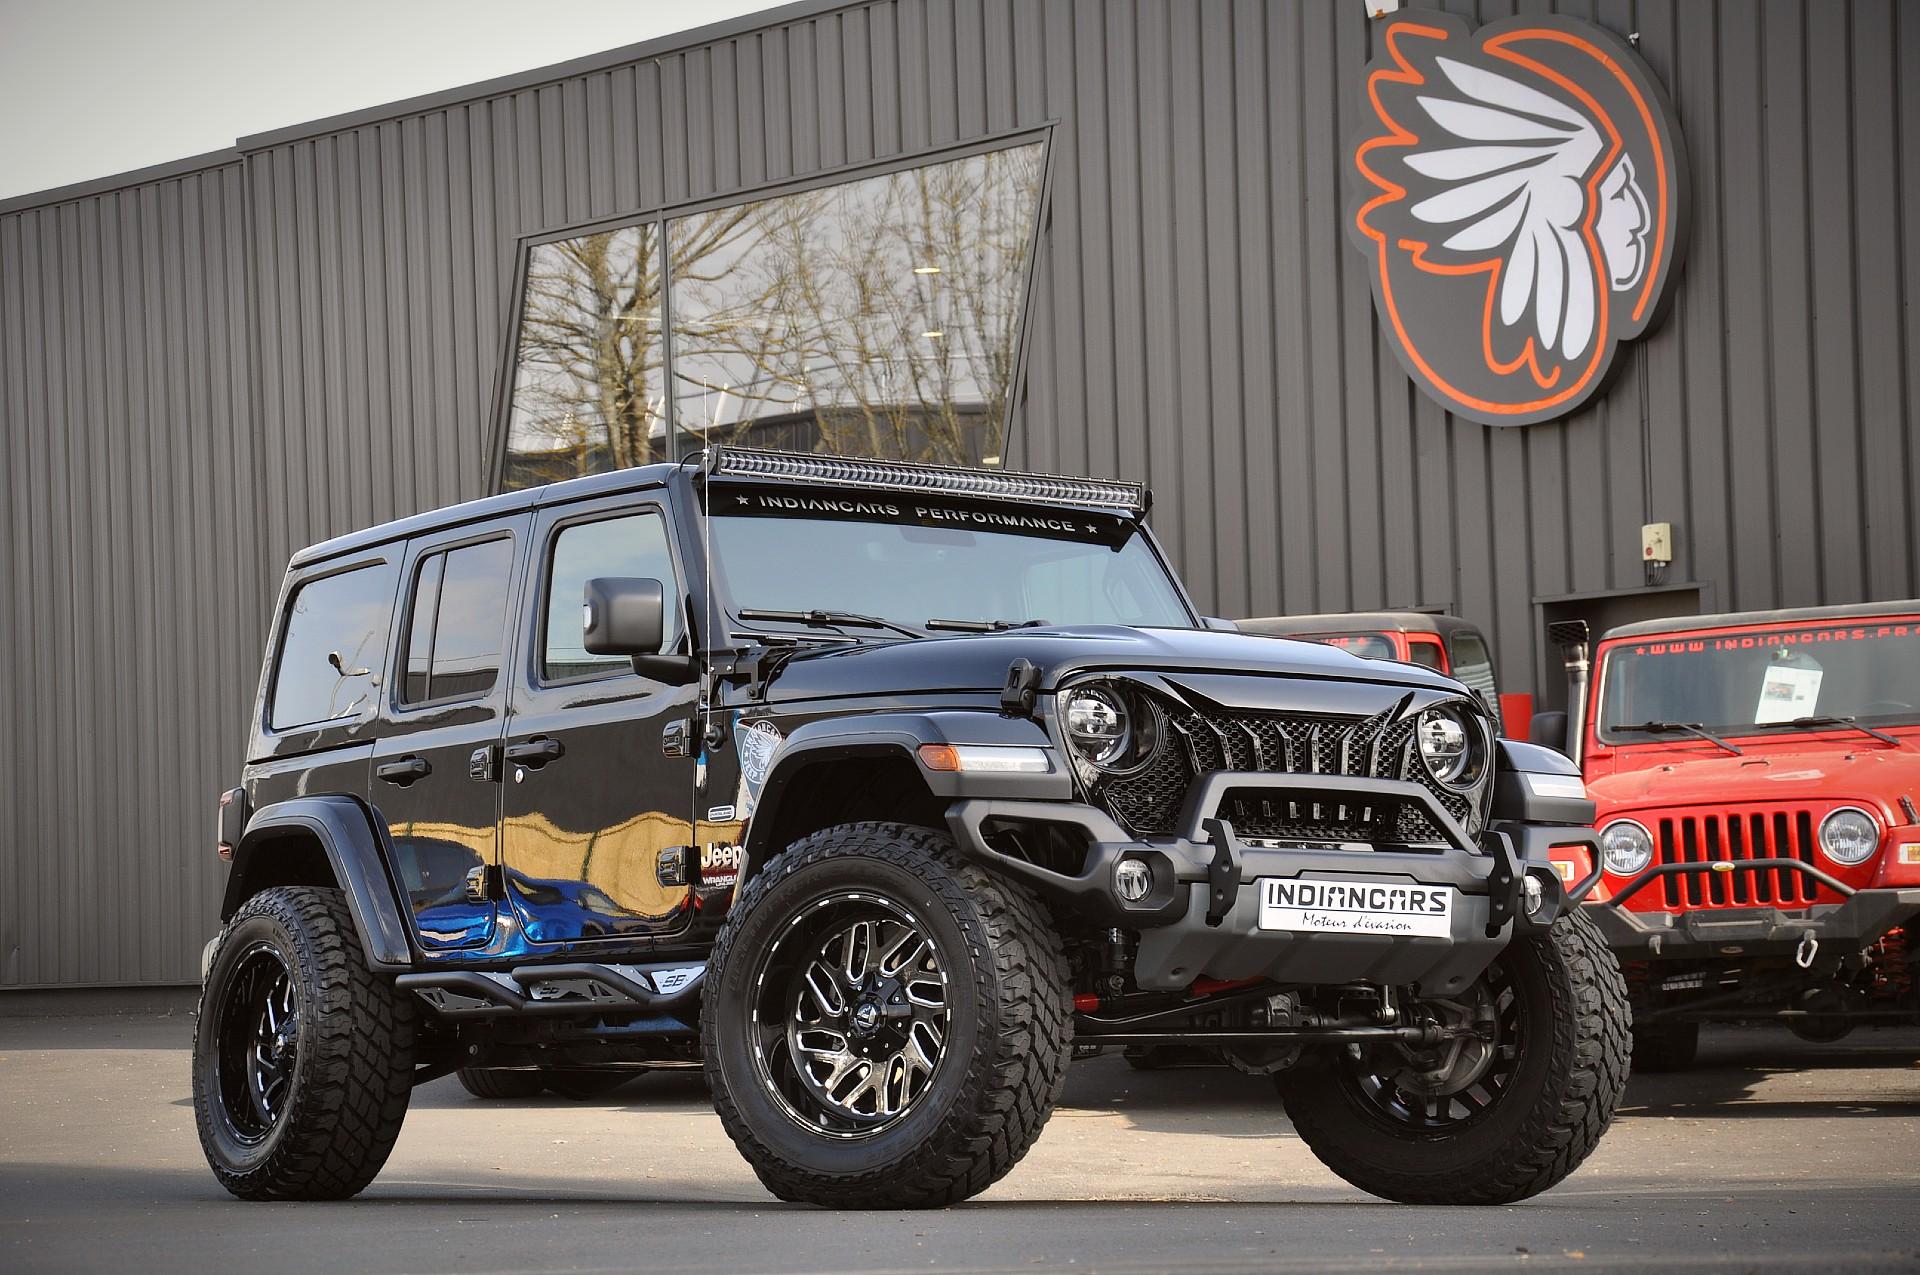 Jeep custom personnalisé sur mesure indiancars paris 4X4 sport luxe